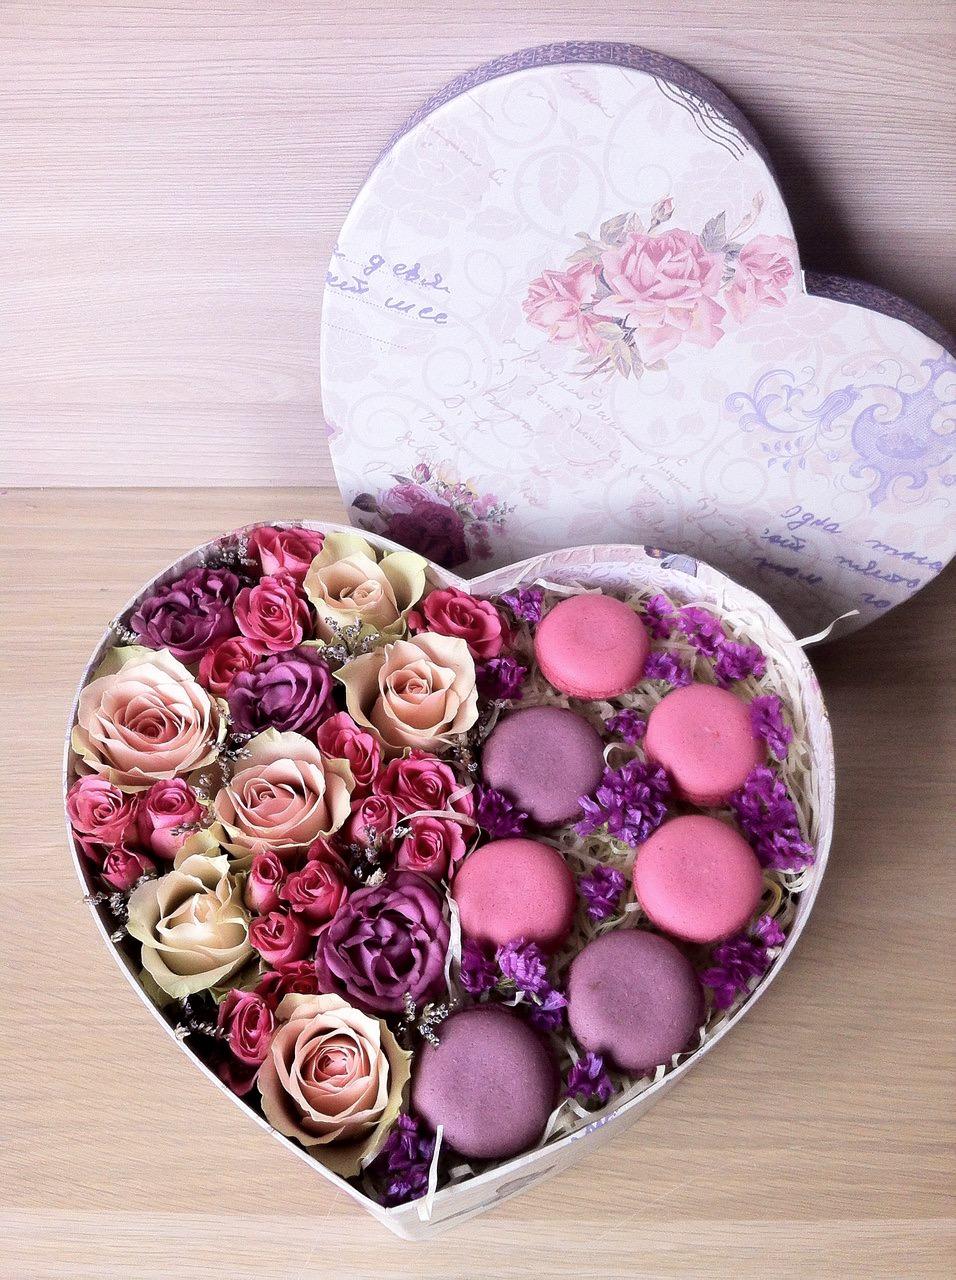 Розы и макаруны в коробке в виде сердца